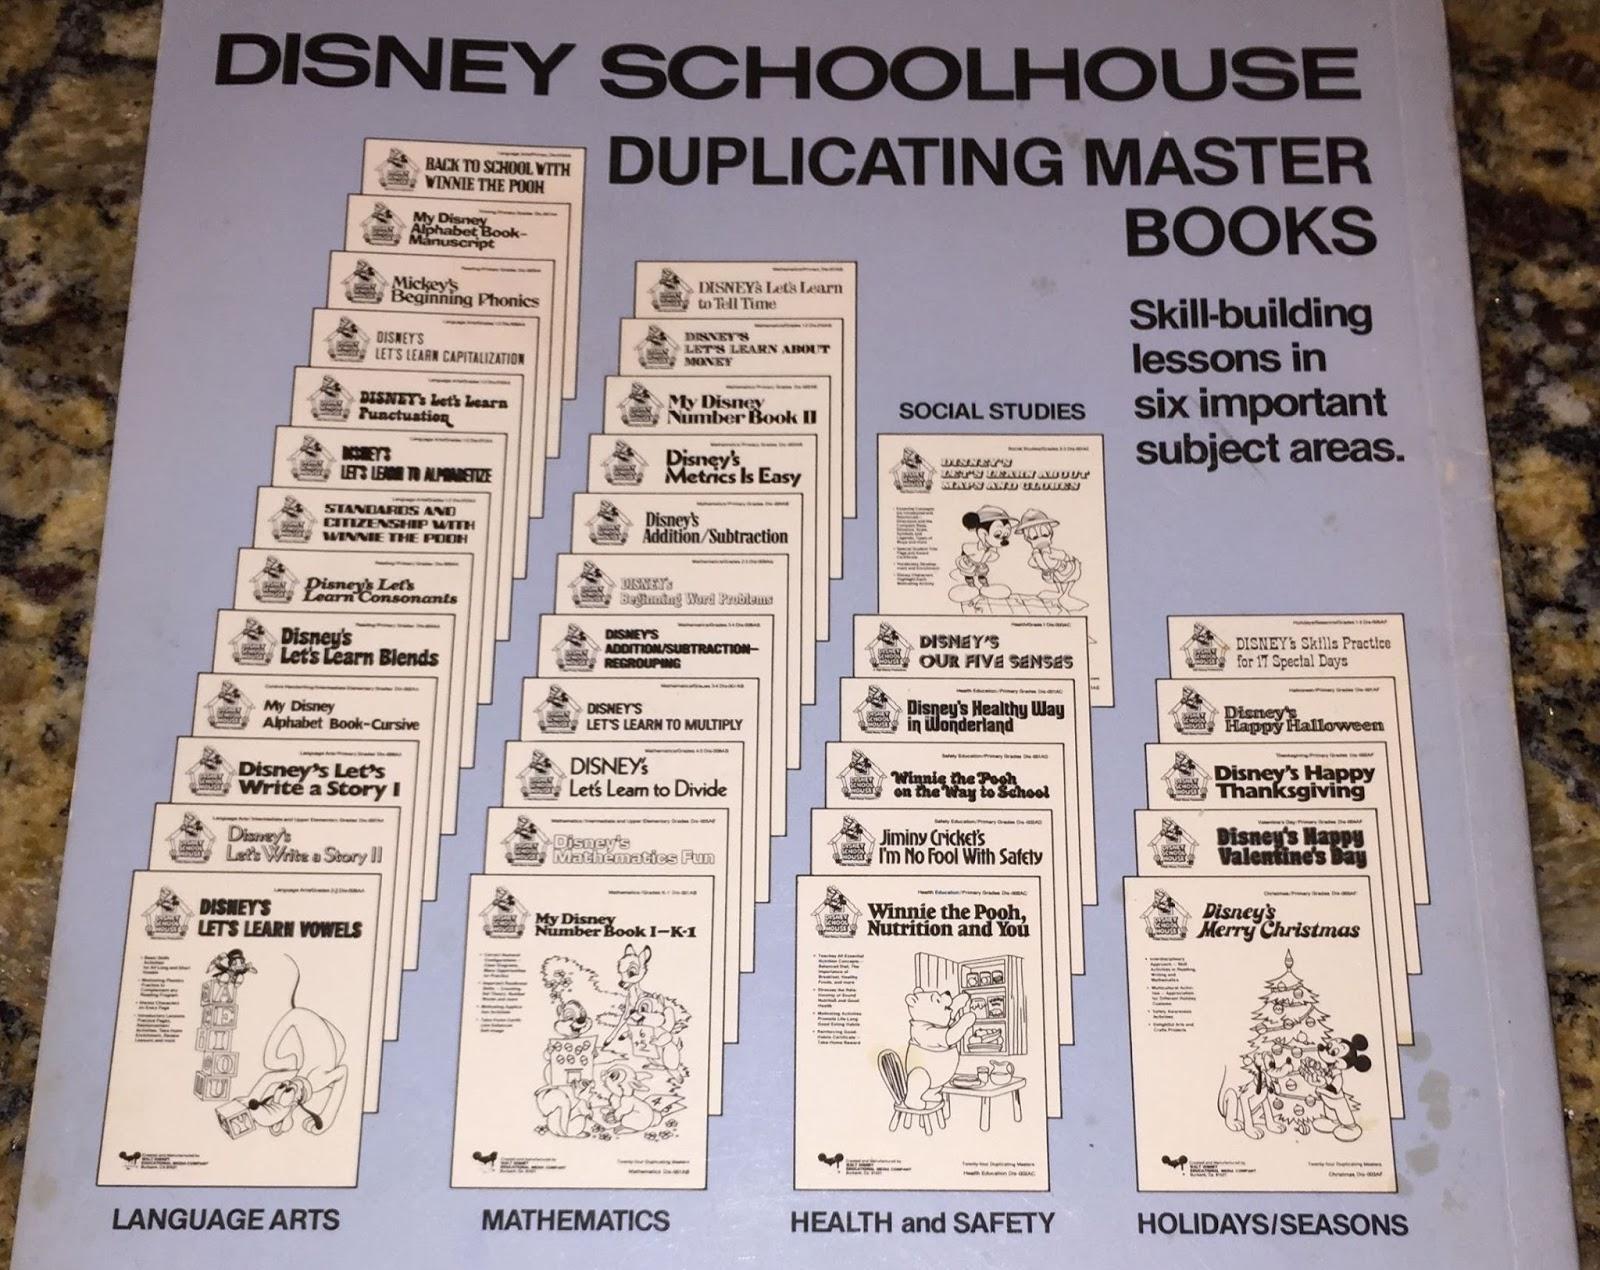 The Sphinx Disney S Healthy Way In Wonderland Worksheet Masters